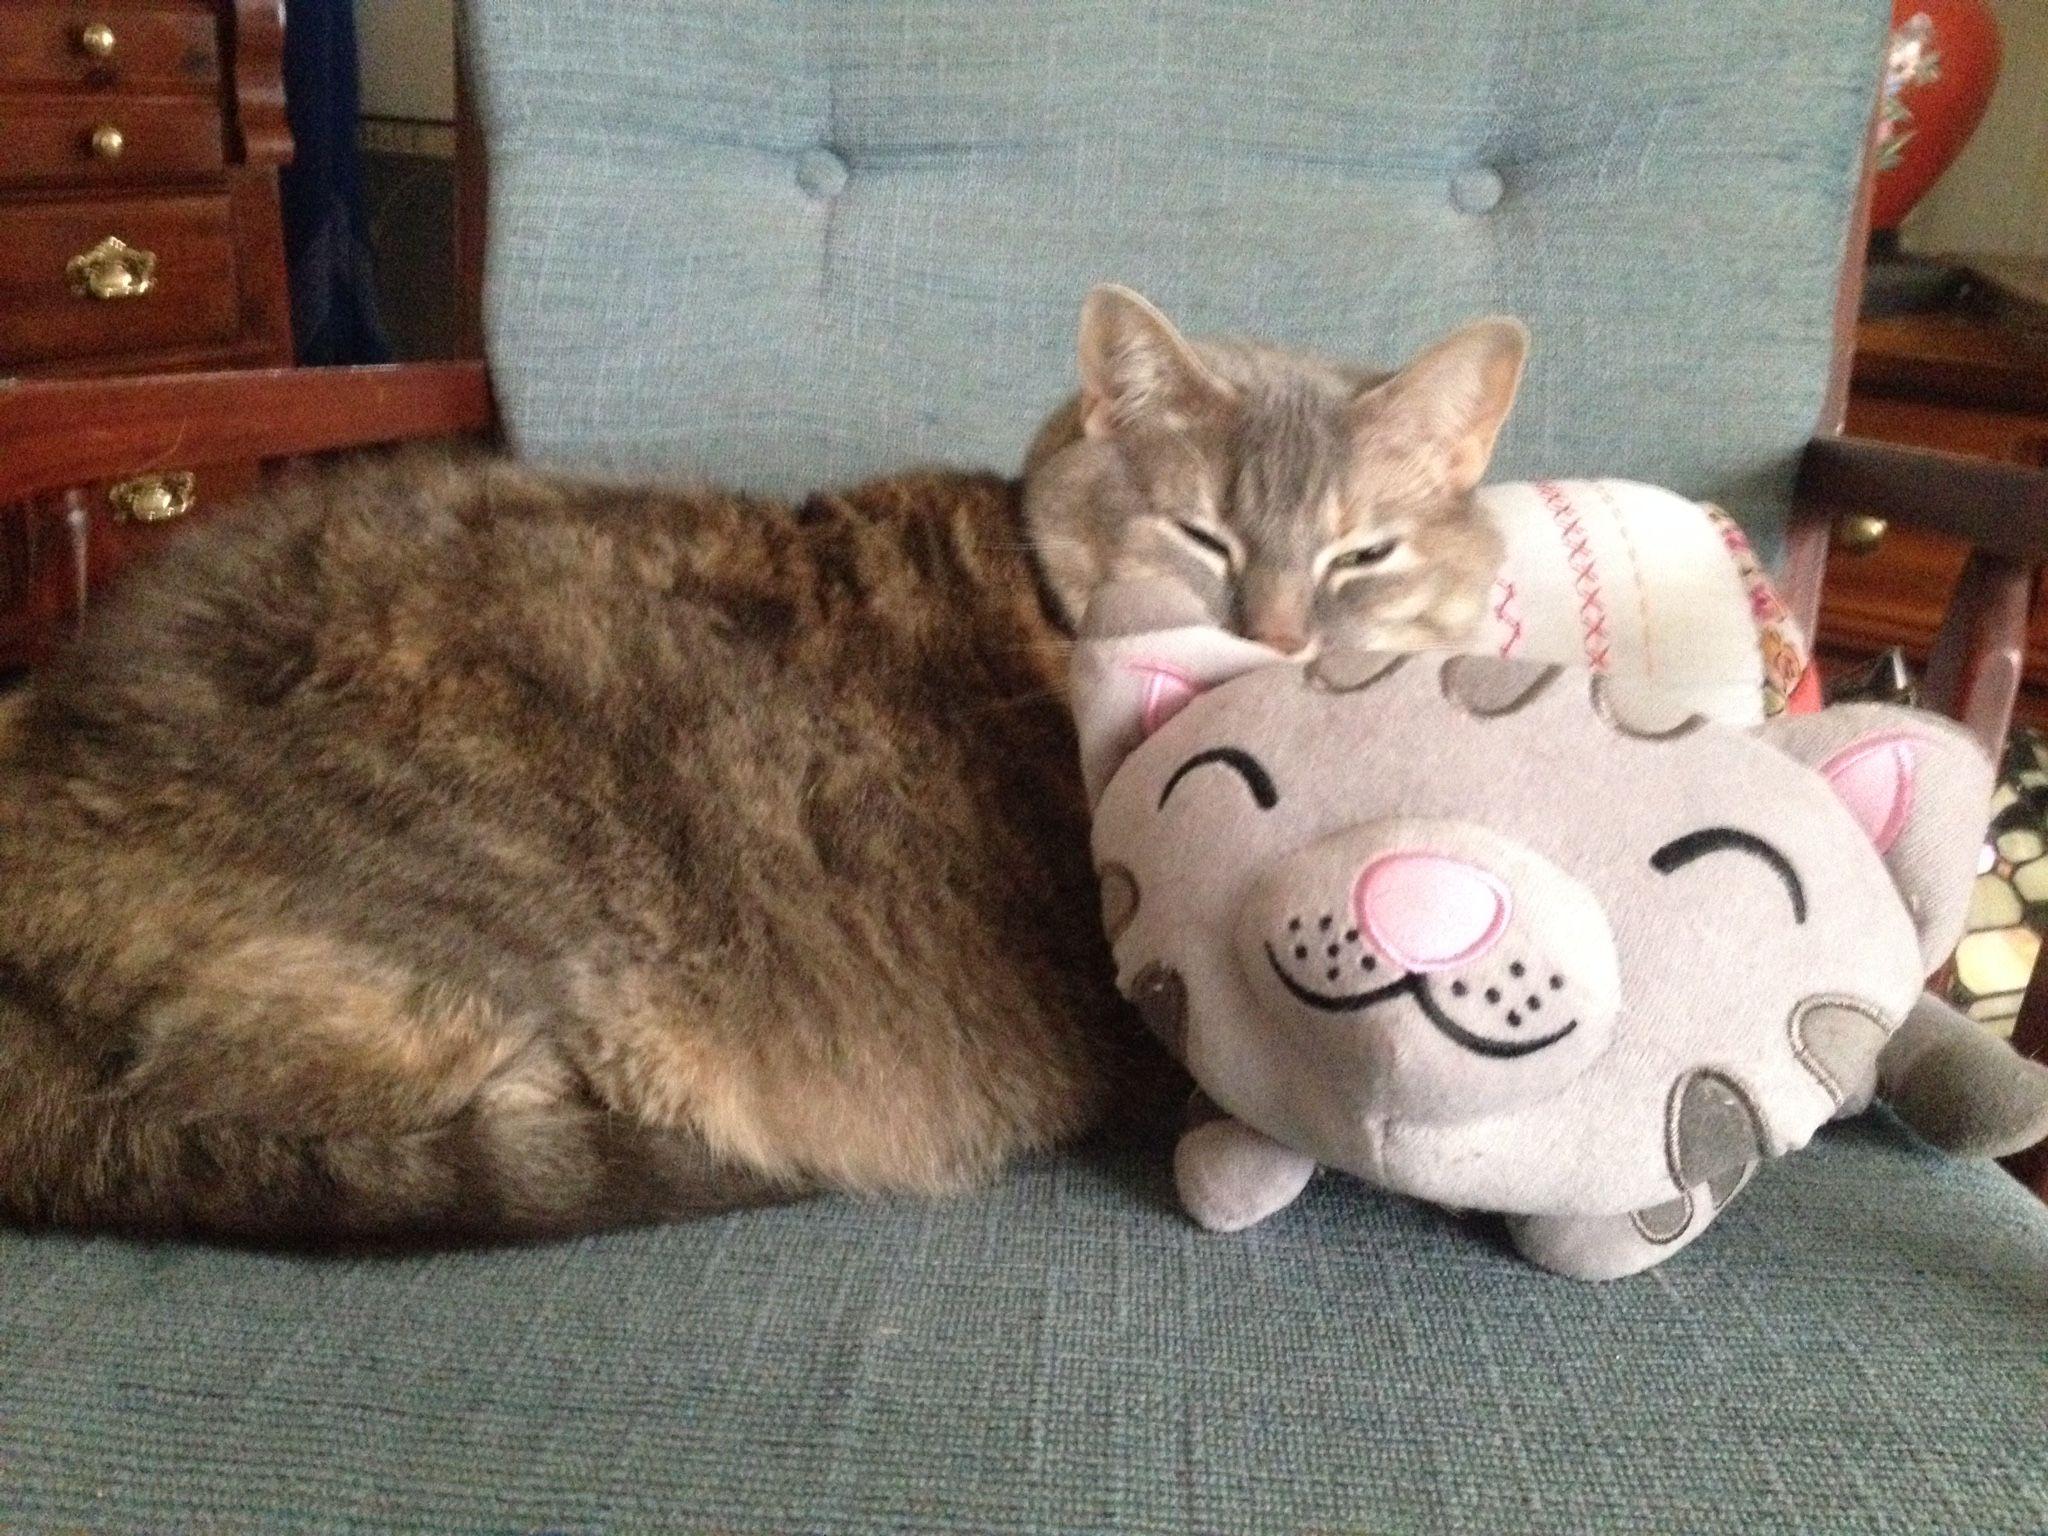 KittyBoo having a soft kitty kinda day